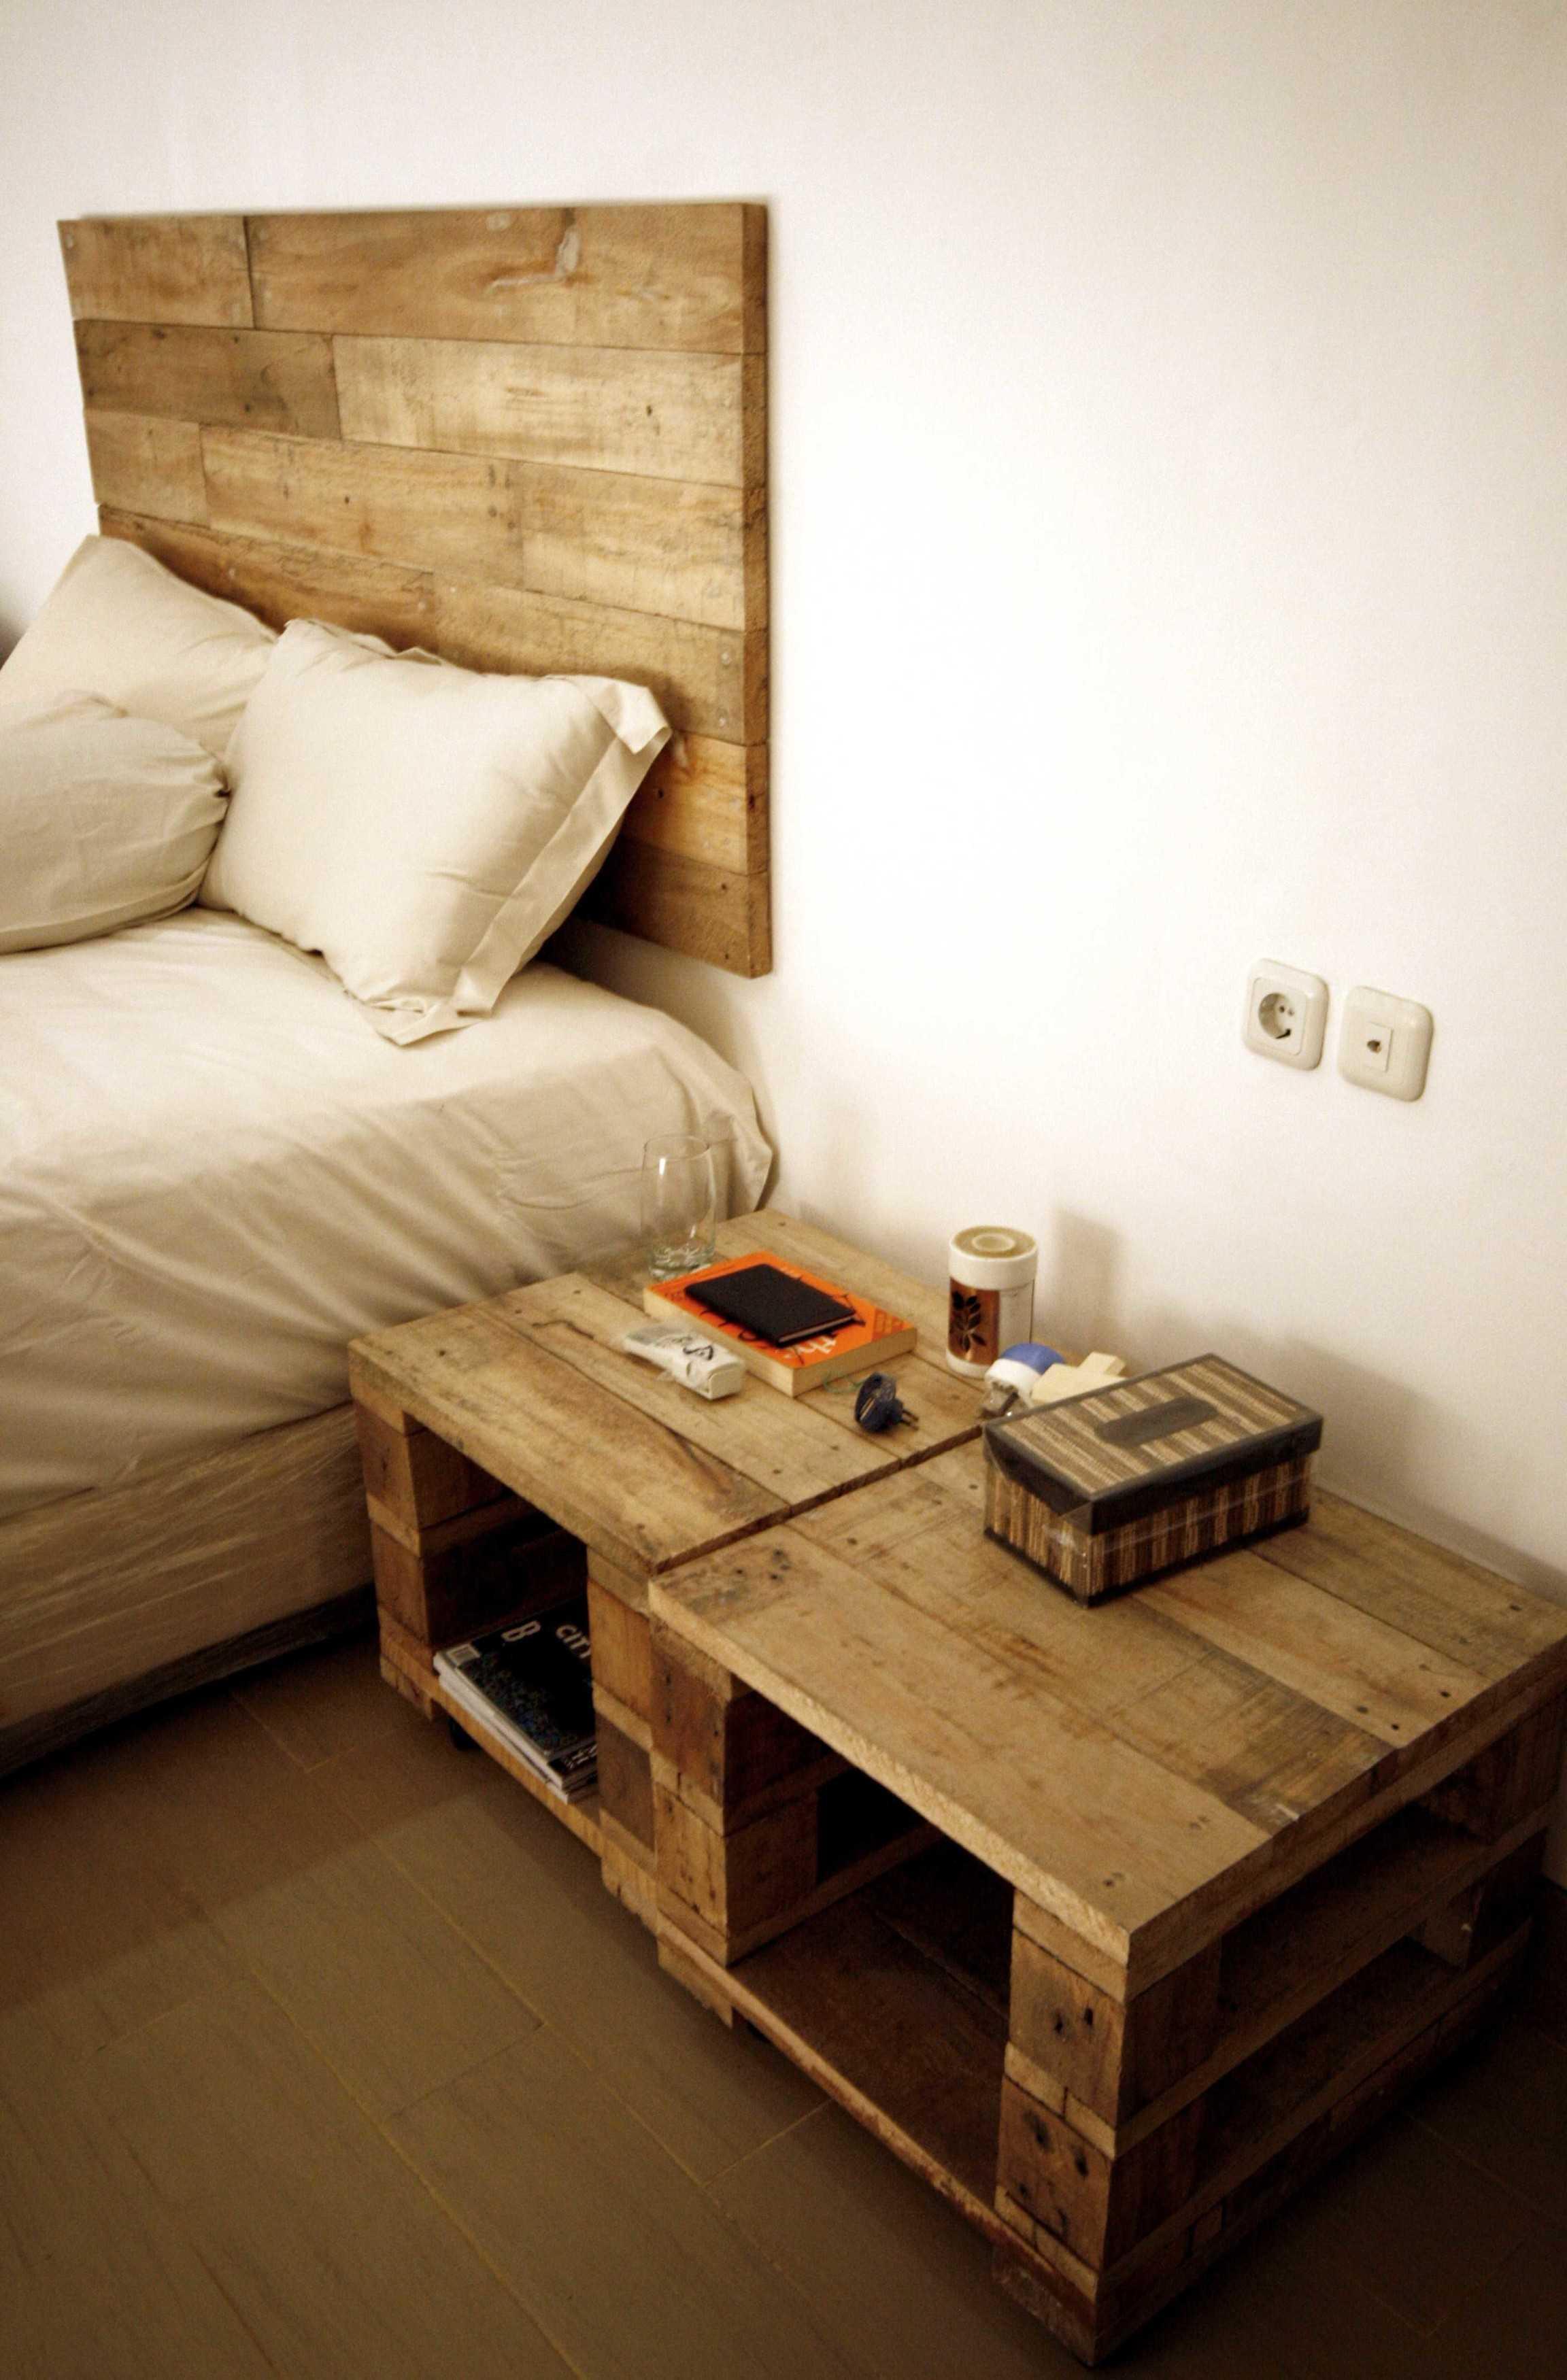 Ksad Roemah Singgah #1 Kediri, East Java, Indonesia Kediri, East Java, Indonesia Bedroom   10222